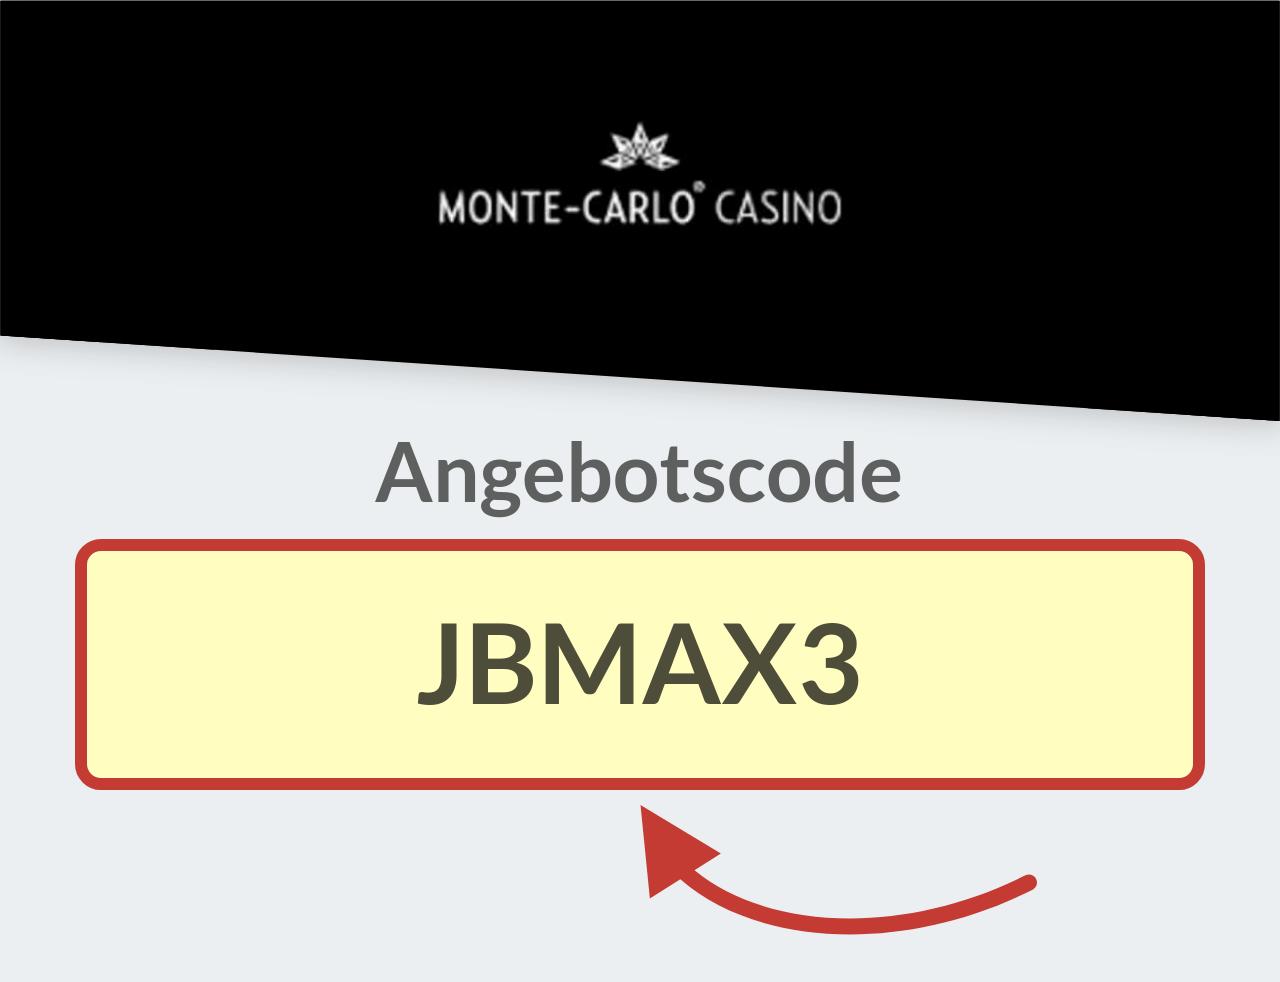 Monte-Carlo Casino Angebotscode